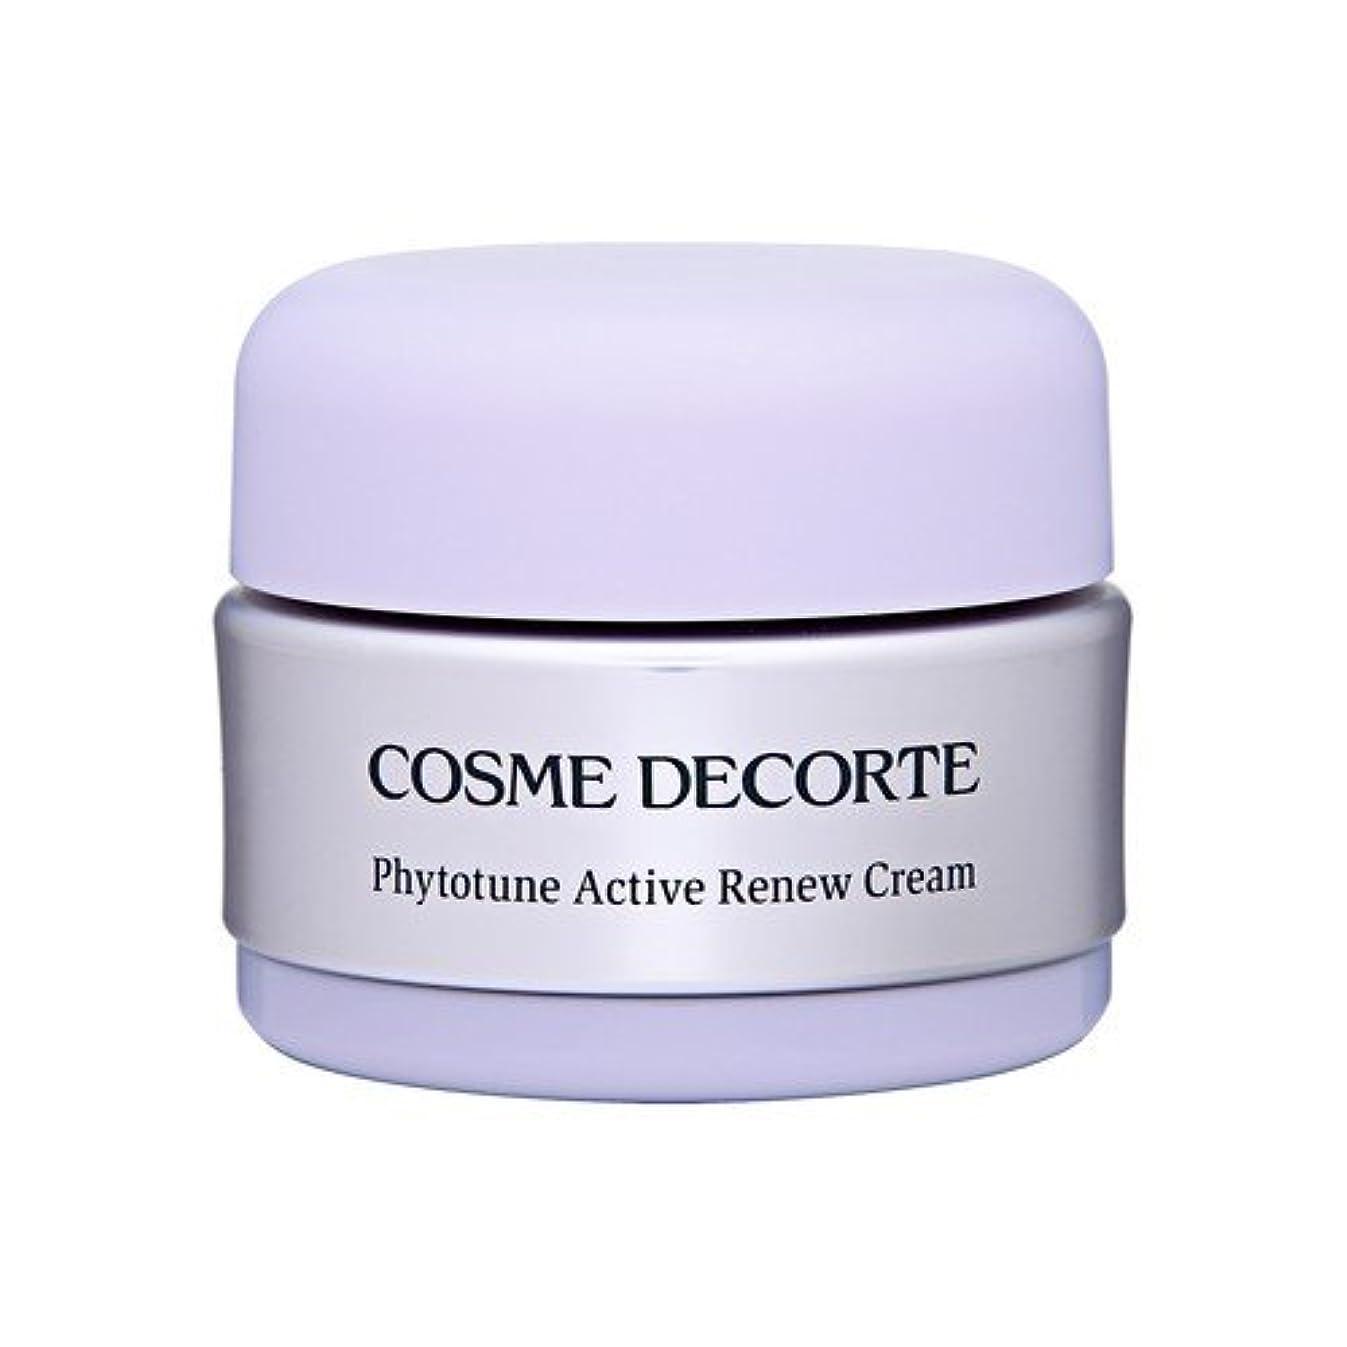 自慢前提批判的にコスメ デコルテ(COSME DECORTE) フィトチューンアクティブリニュークリーム 30g [364491][並行輸入品]